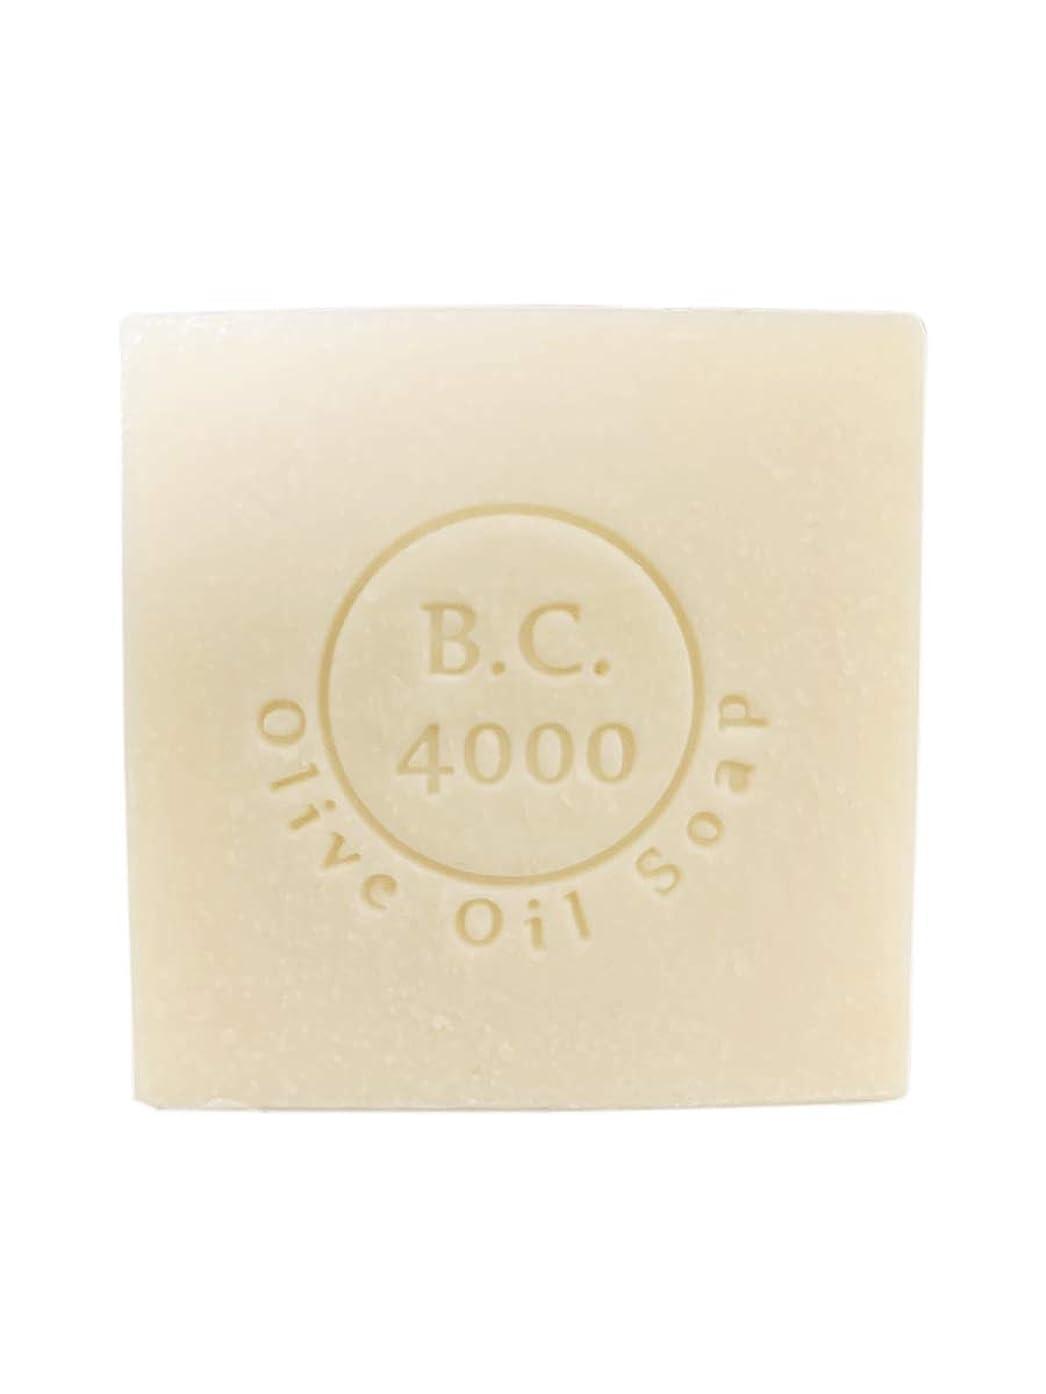 多様なセッション姿勢100% バージンオリーブオイル石鹸 B.C.4000 オーガニック せっけん 100g 1個